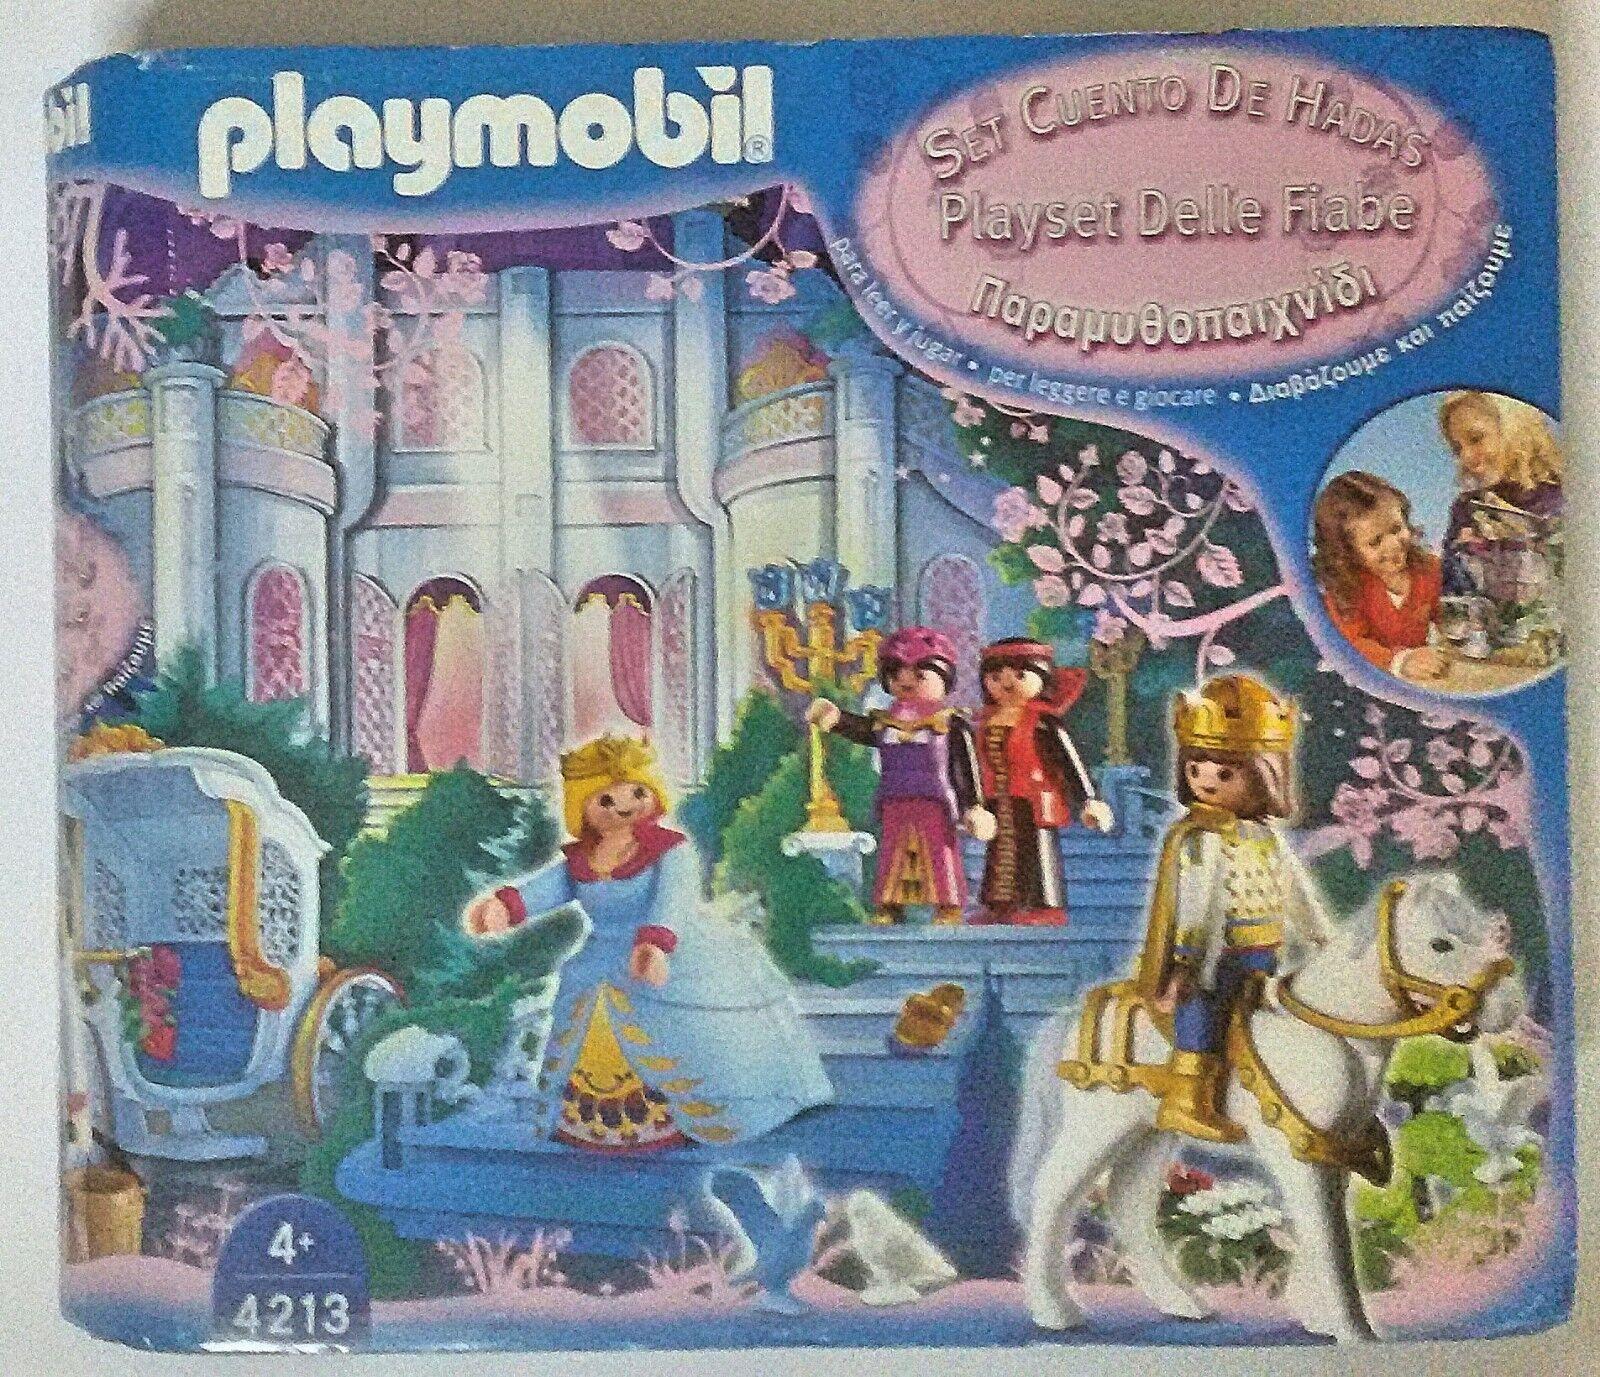 PLAYMOBIL 4213 Playset Fiabe - Cenerentola